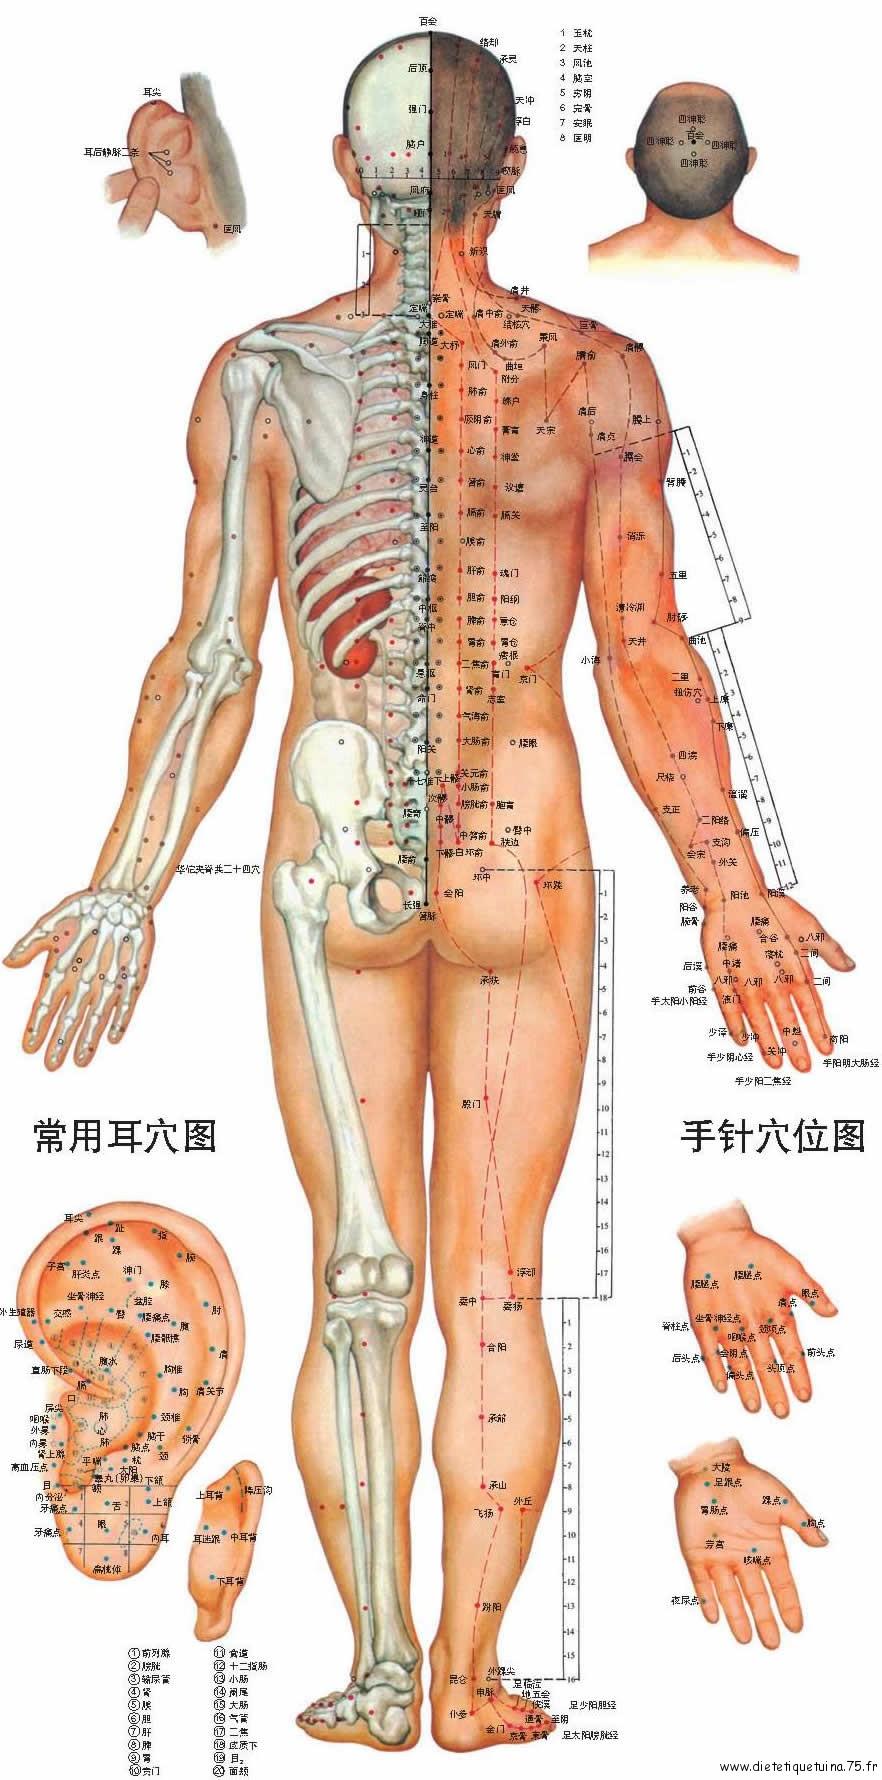 Méridiens et mesures en Cun, corps de dos